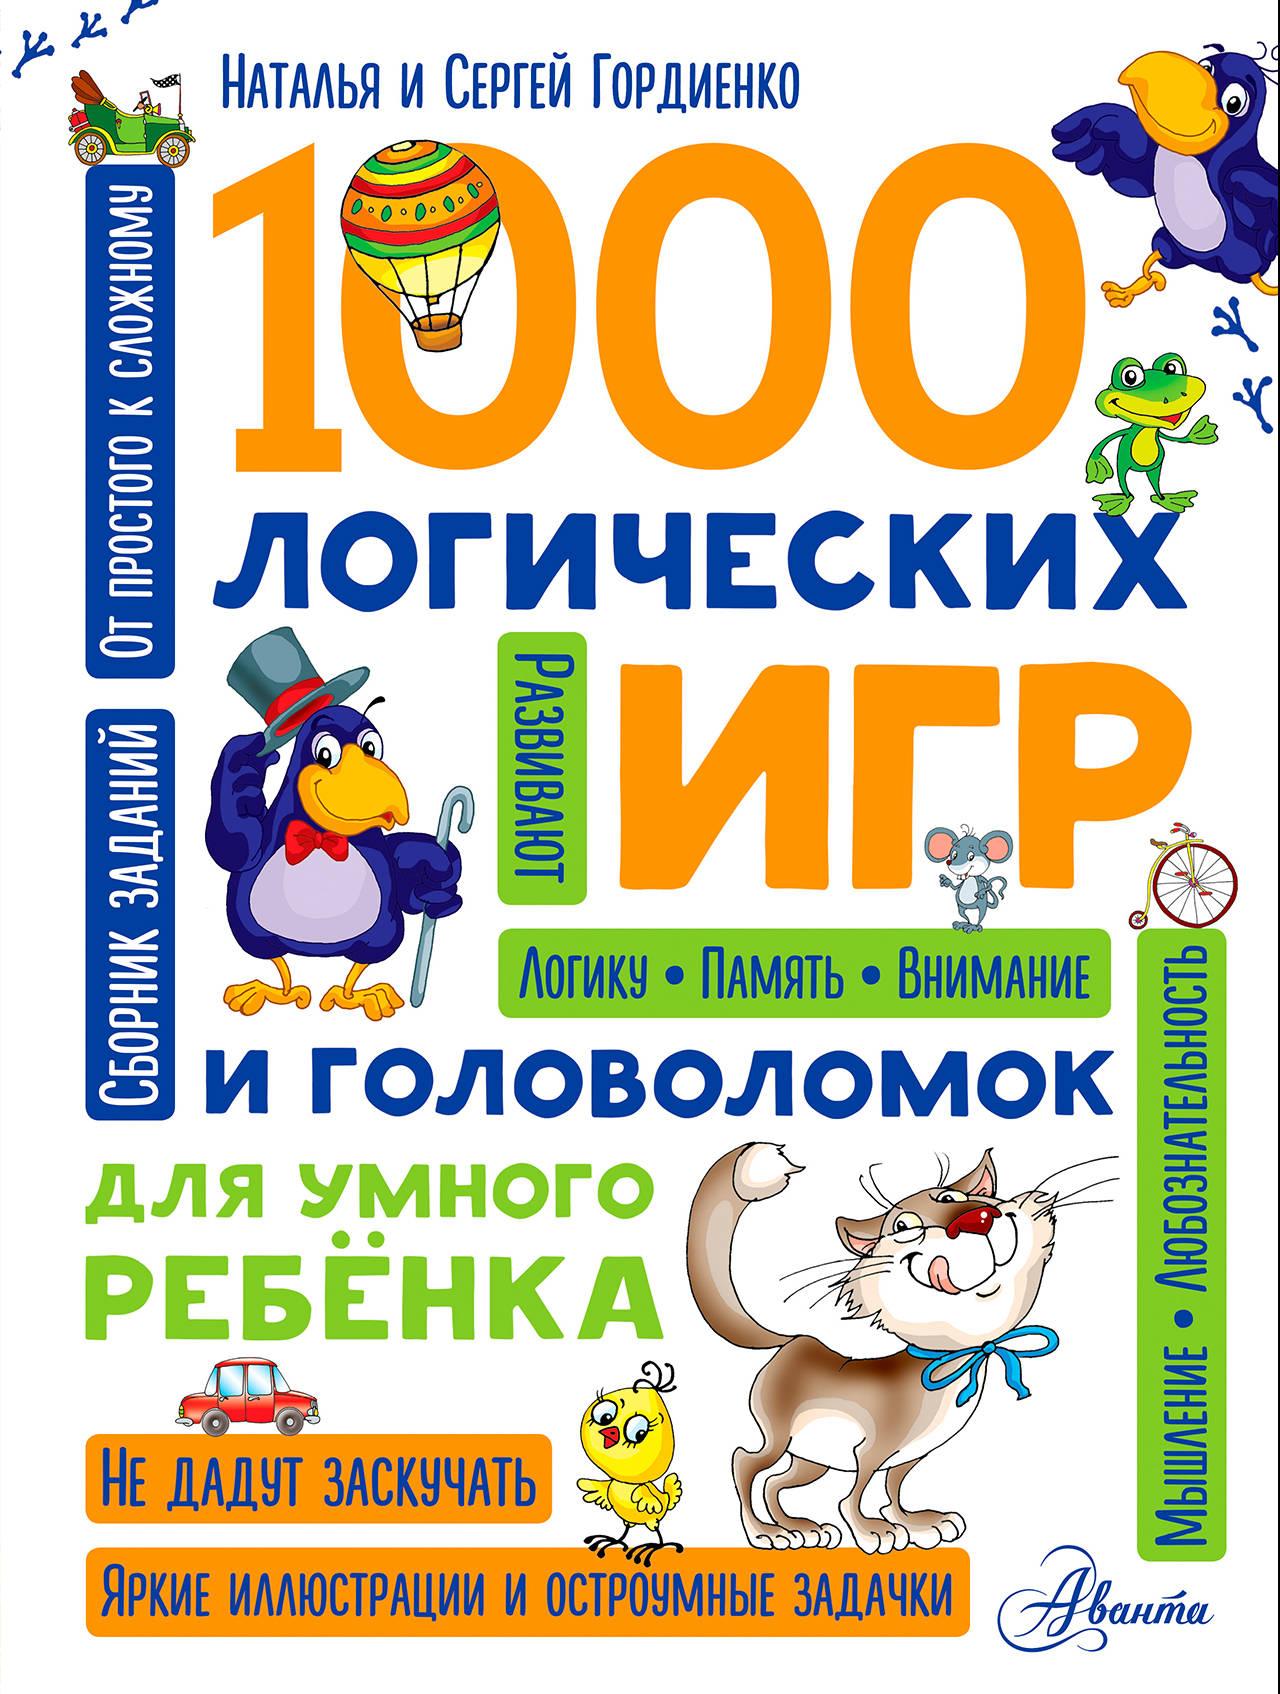 Наталья и Сергей Гордиенко 1000 логических игр и головоломок для умного ребенка евгений корнилов программирование шахмат и других логических игр